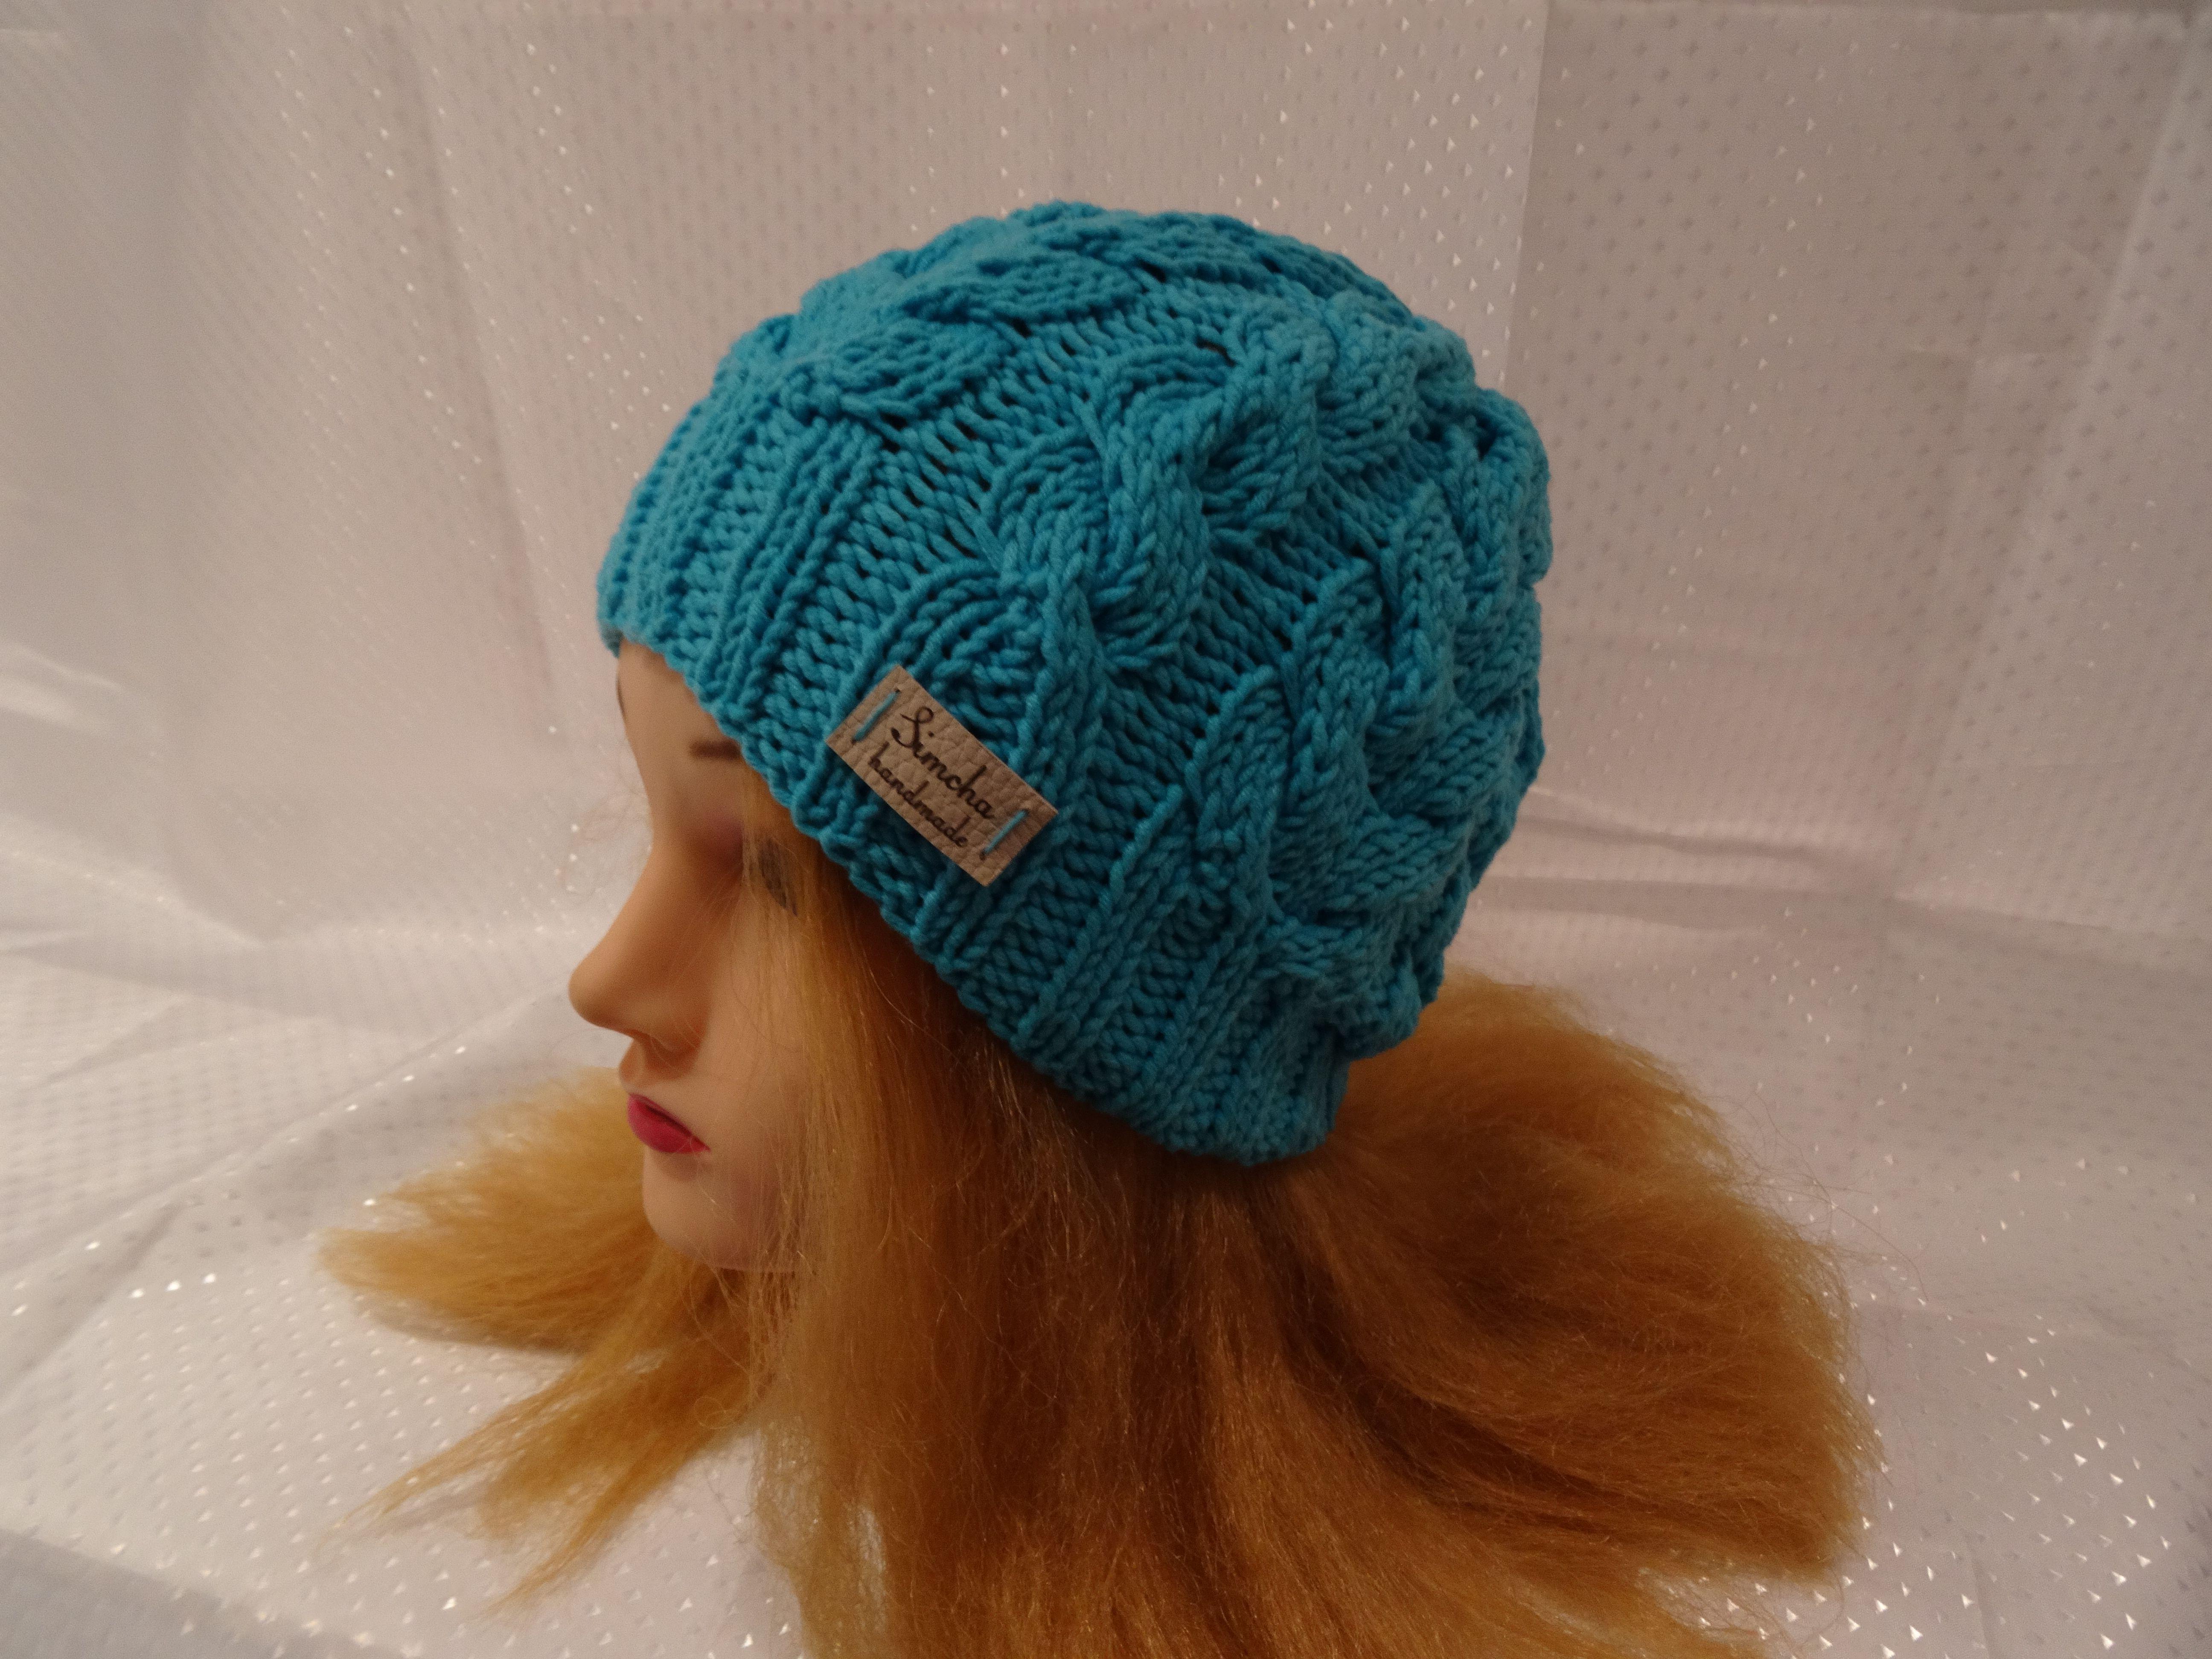 вязанаяшапка женскаяшапка шапканавесну шапкаизхлопка прикольнаяшапка шапка весенняяшапка аксессуар